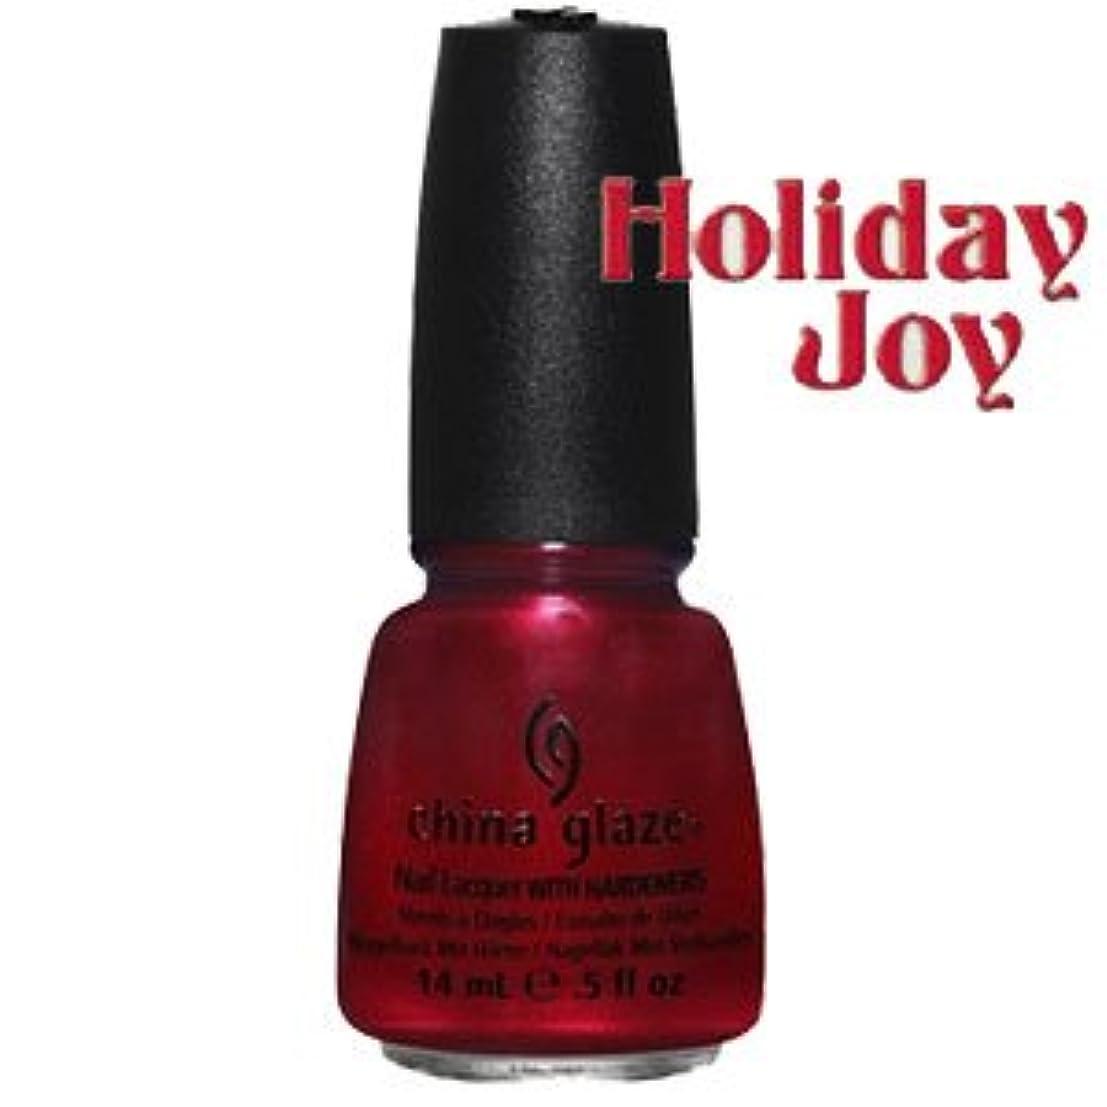 モナリザポップデッドロック(チャイナグレイズ)China Glaze Cranberry Splashー'12Holiday Joy コレクション [海外直送品][並行輸入品]